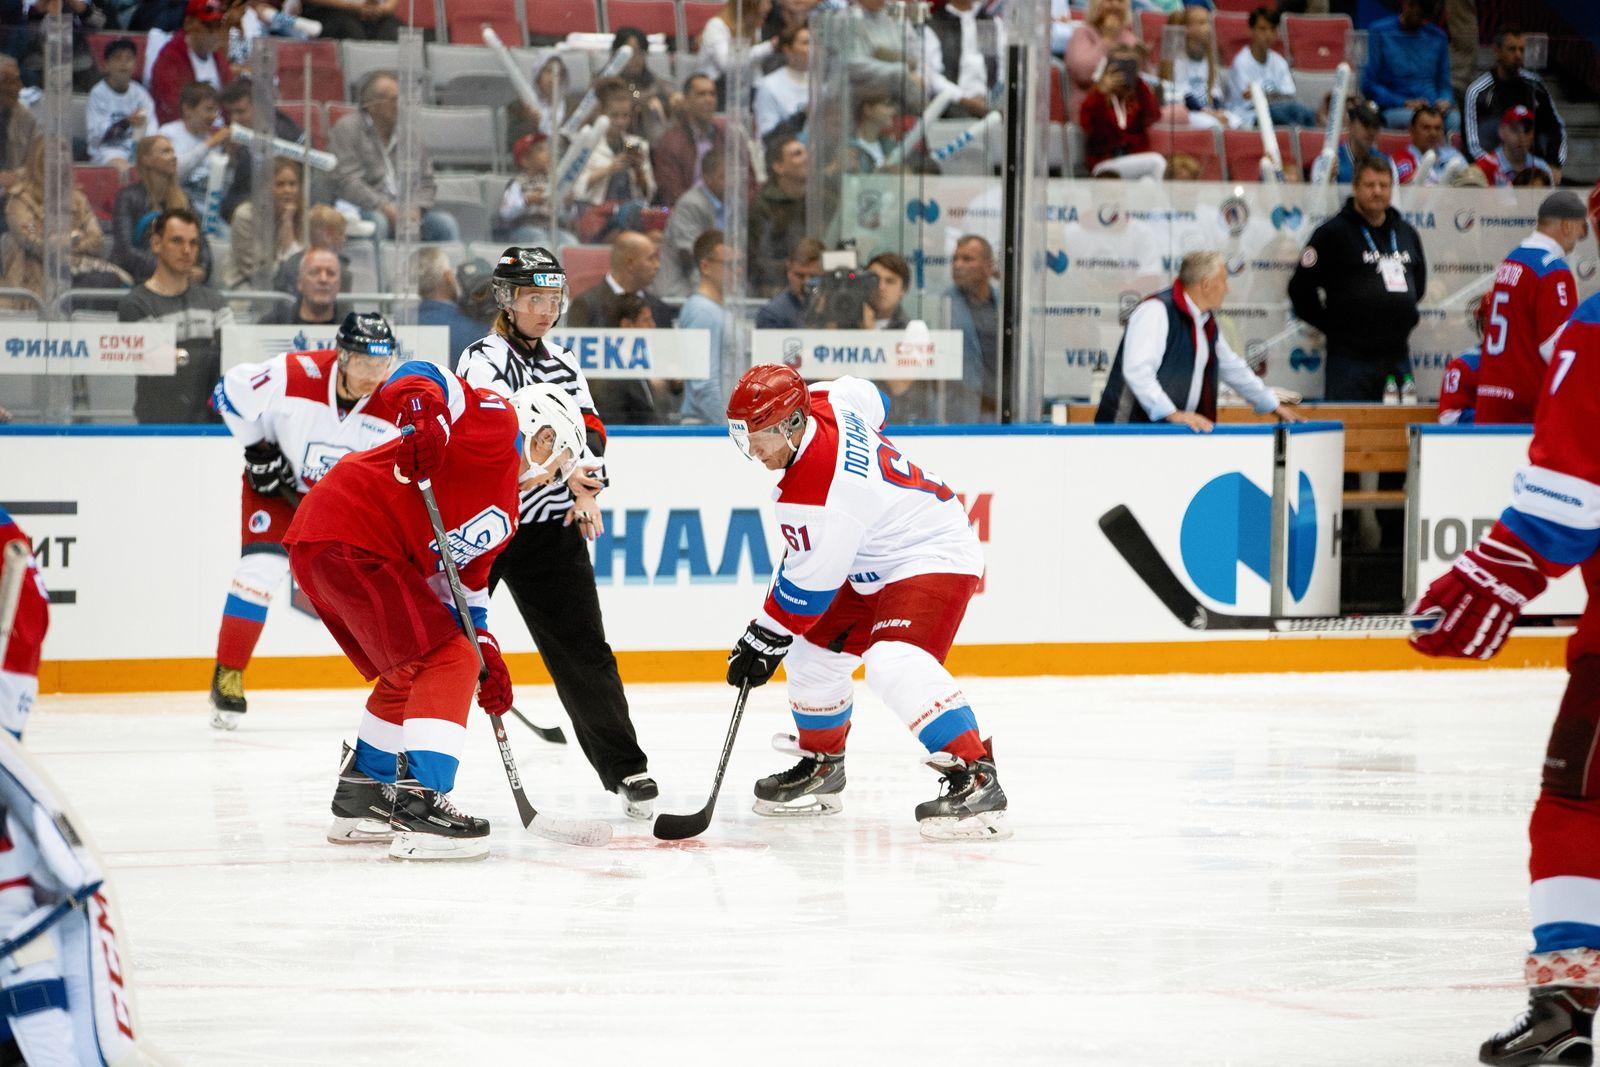 ХК «СКА» и олимпийская сборная России вновь будут бороться за победу в Сочи